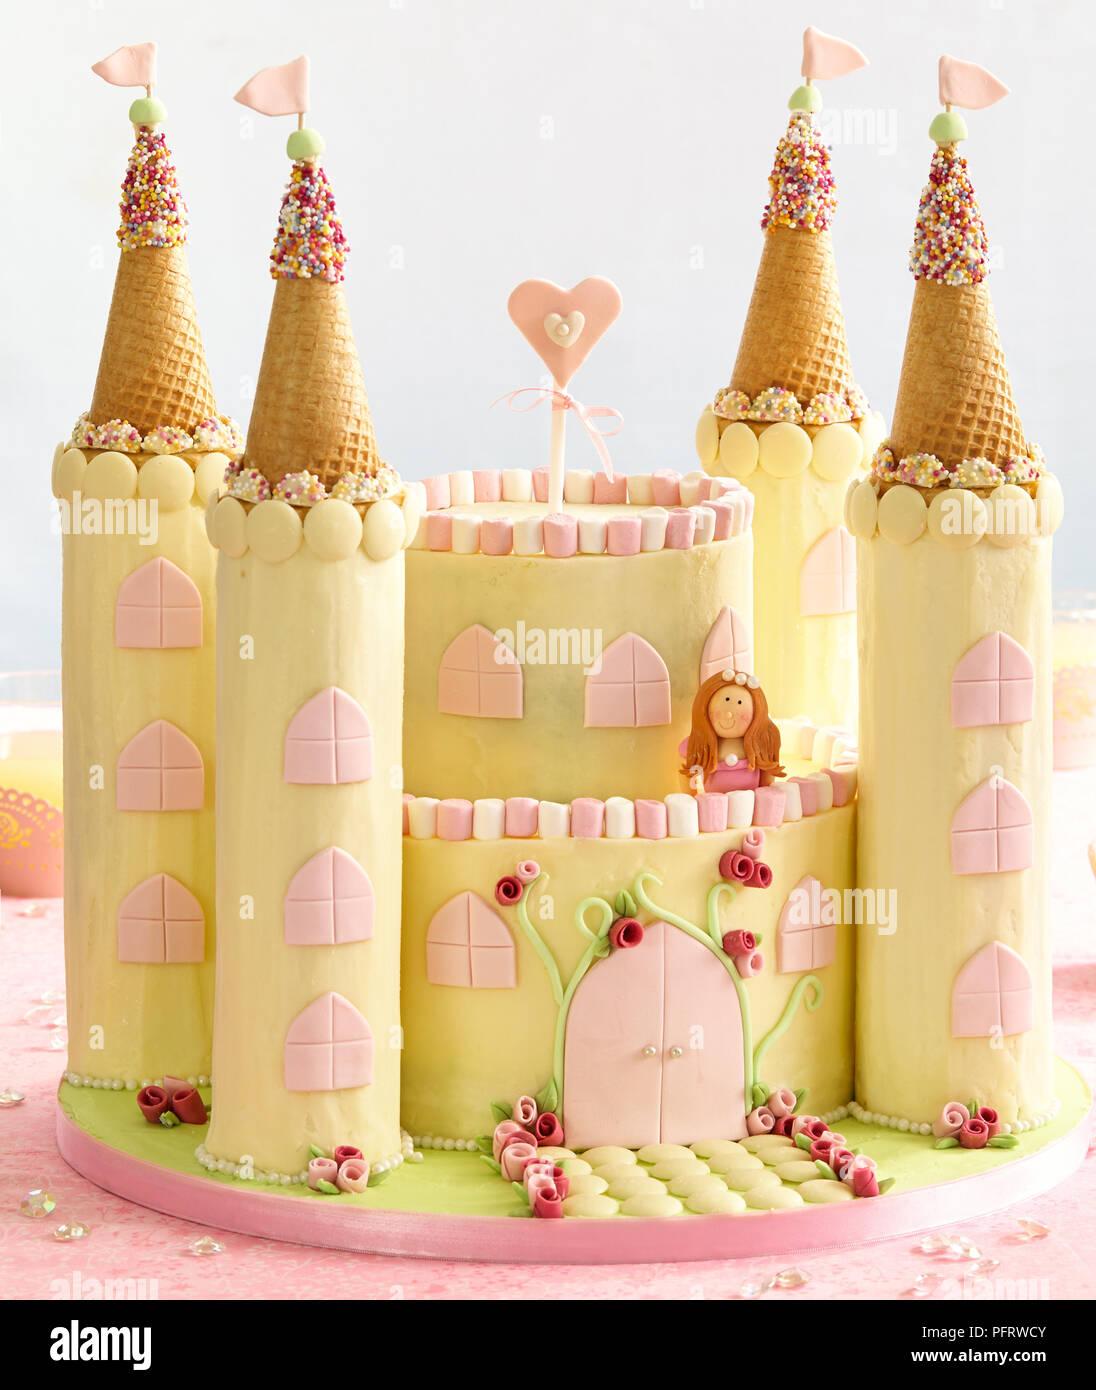 Prinzessin und schloss Kuchen Stockfoto Bild 216269115